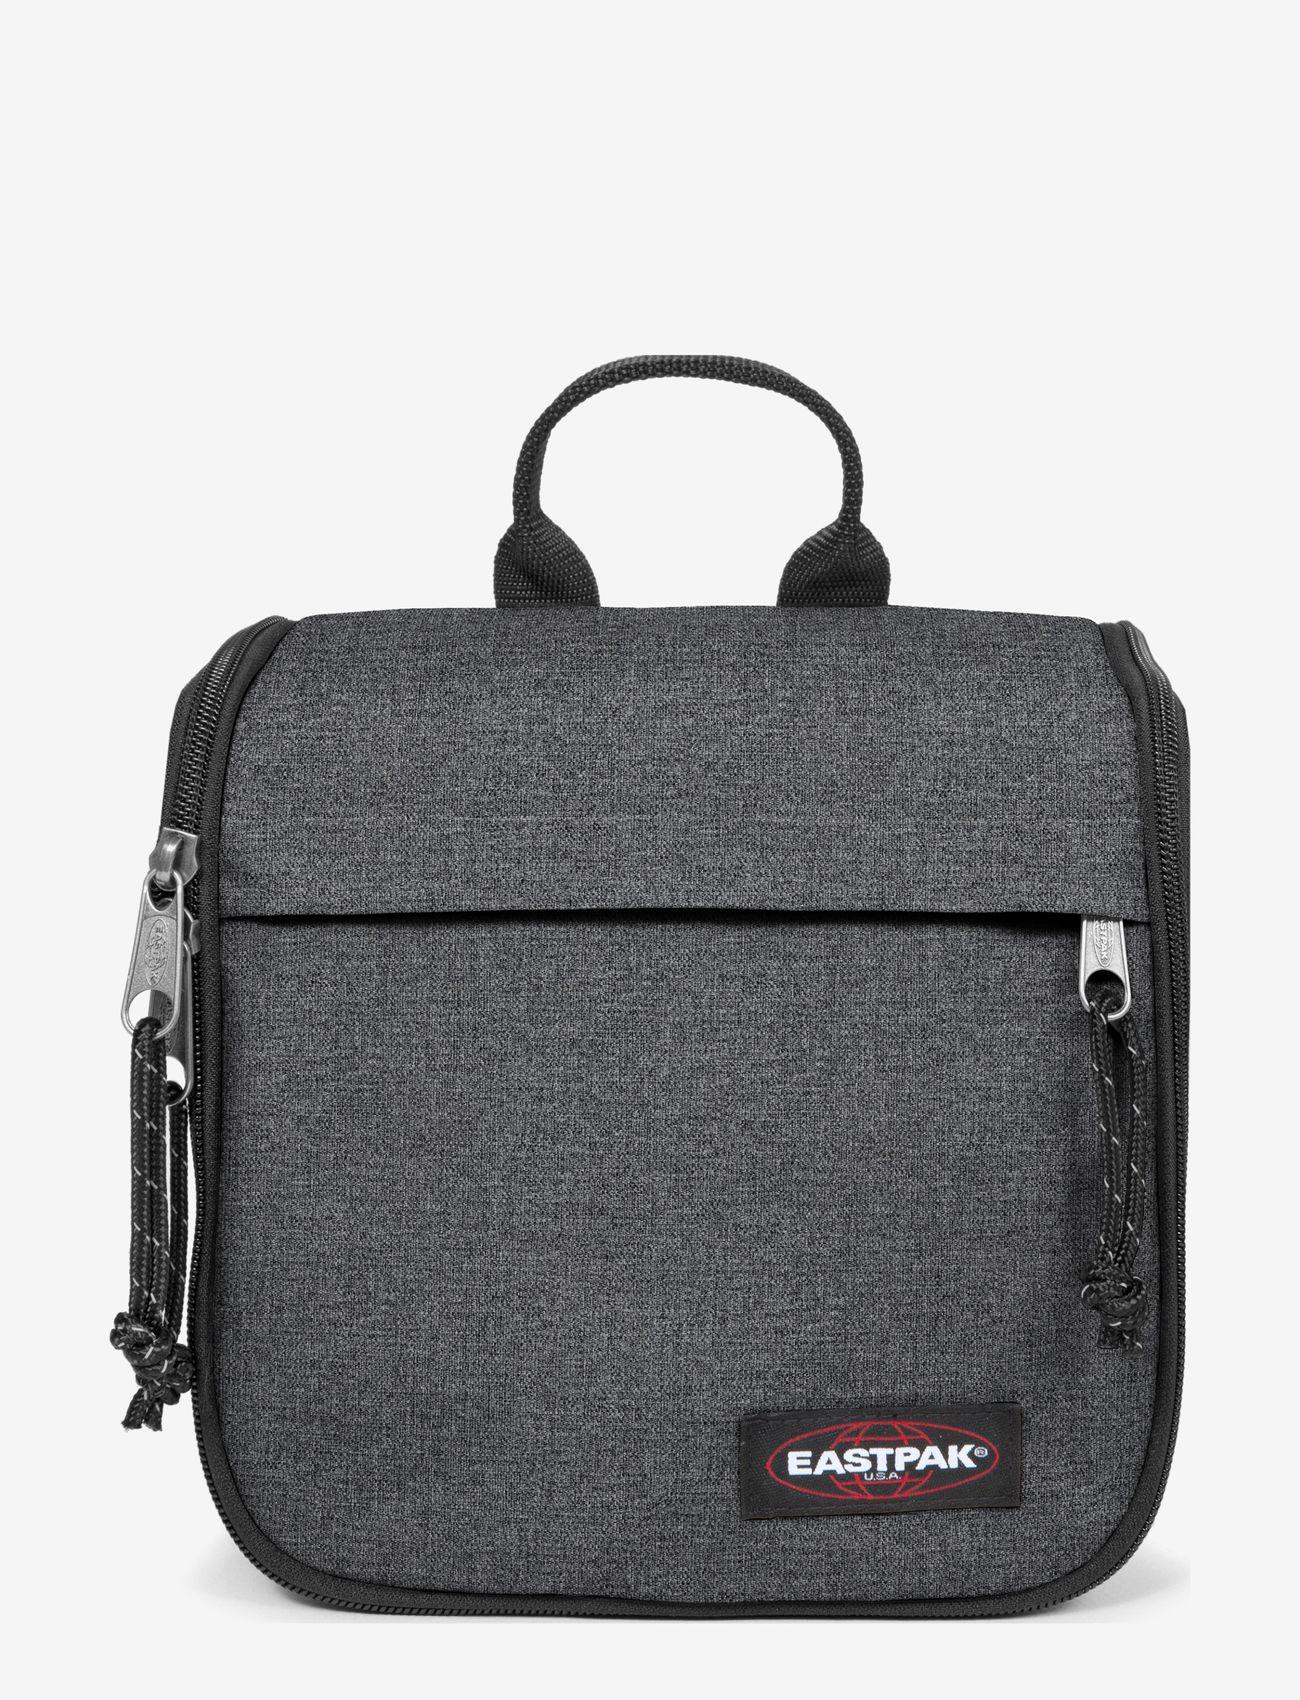 Eastpak - SUNDEE 3 REP - tassen - black denim - 0